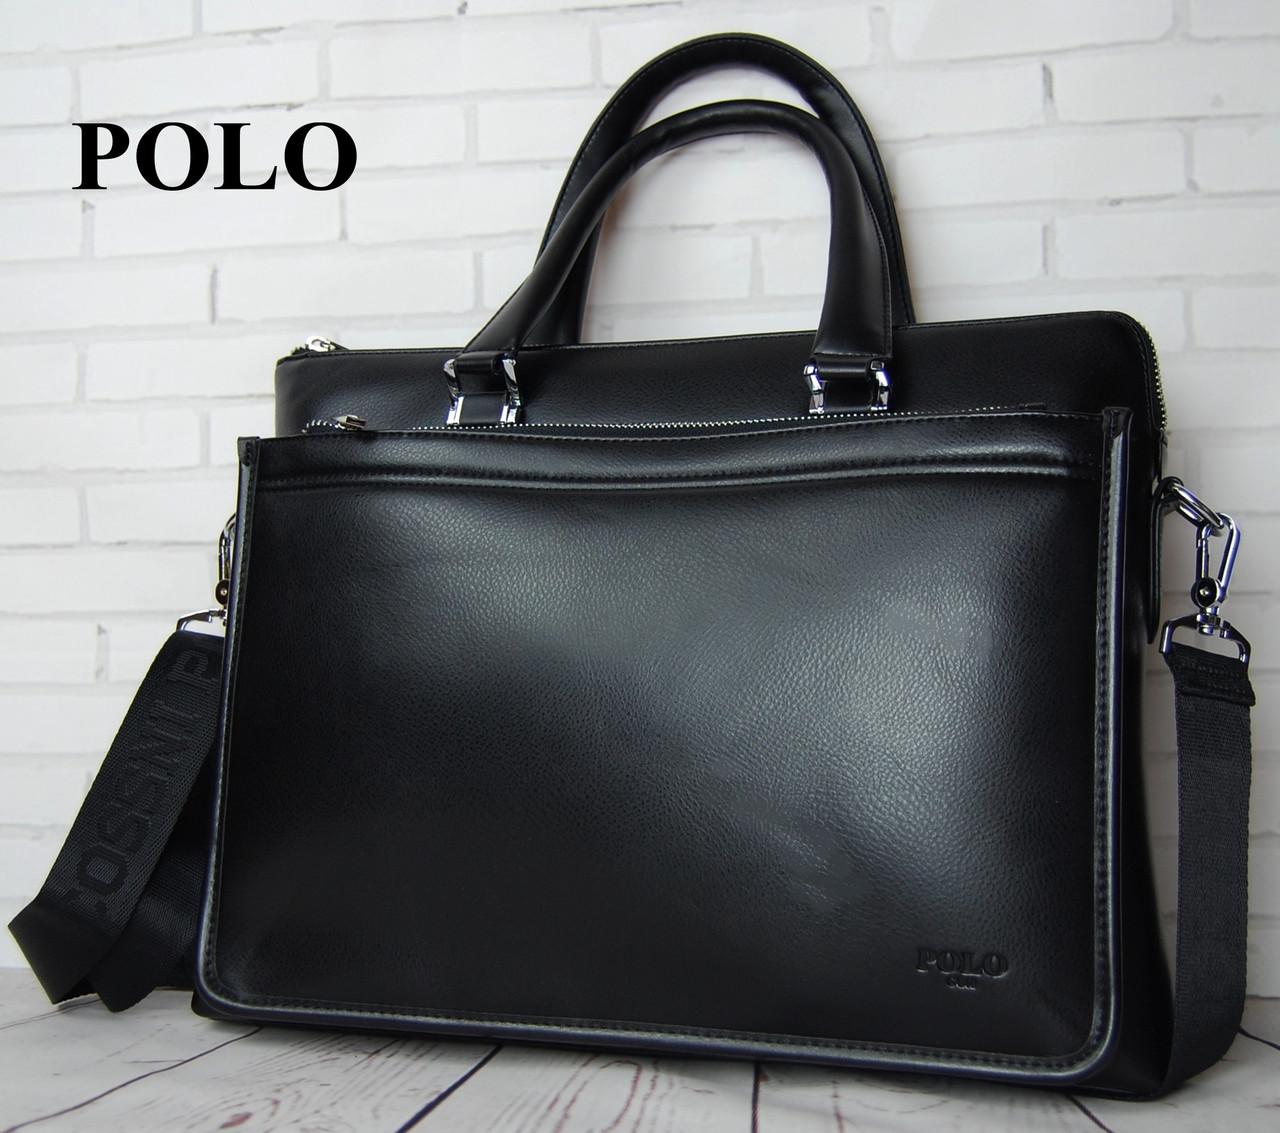 371d791acf77 Мужская сумка-портфель Polo под формат А4 сумка для документов КС37 -  интернет-магазин